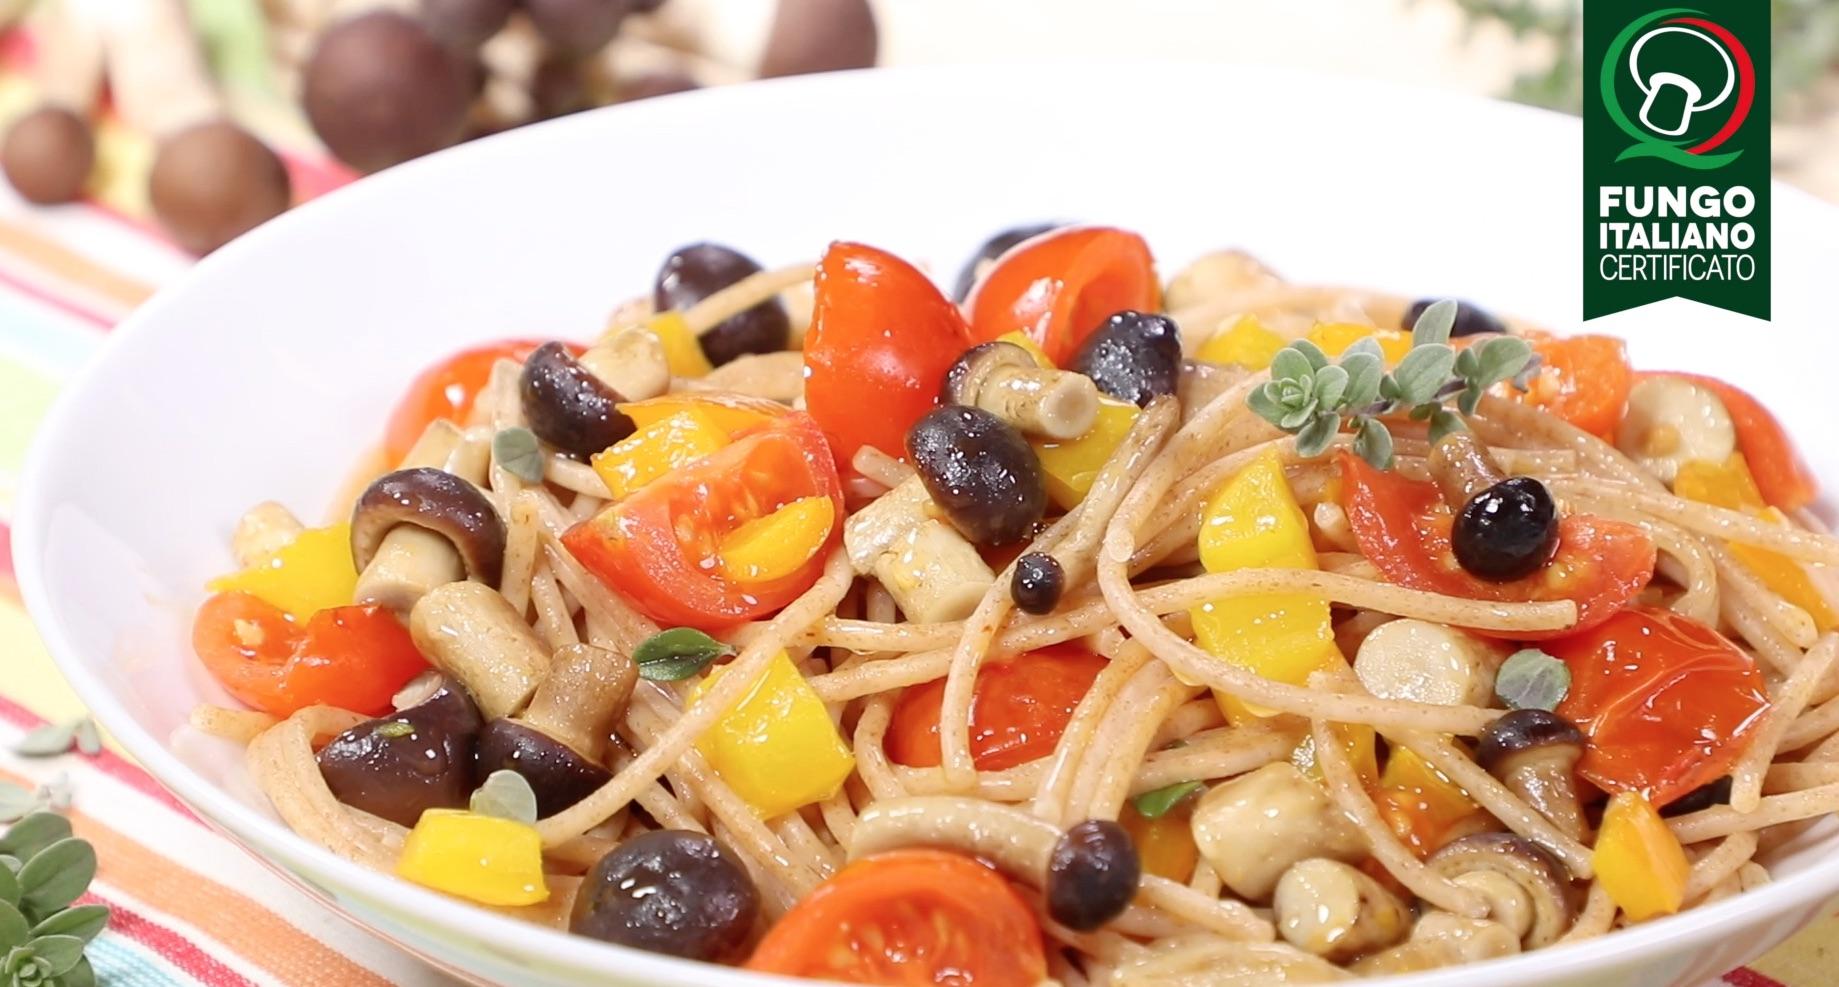 Spaghetti integrali con pomodorini, funghi Pioppini e peperoni gialli